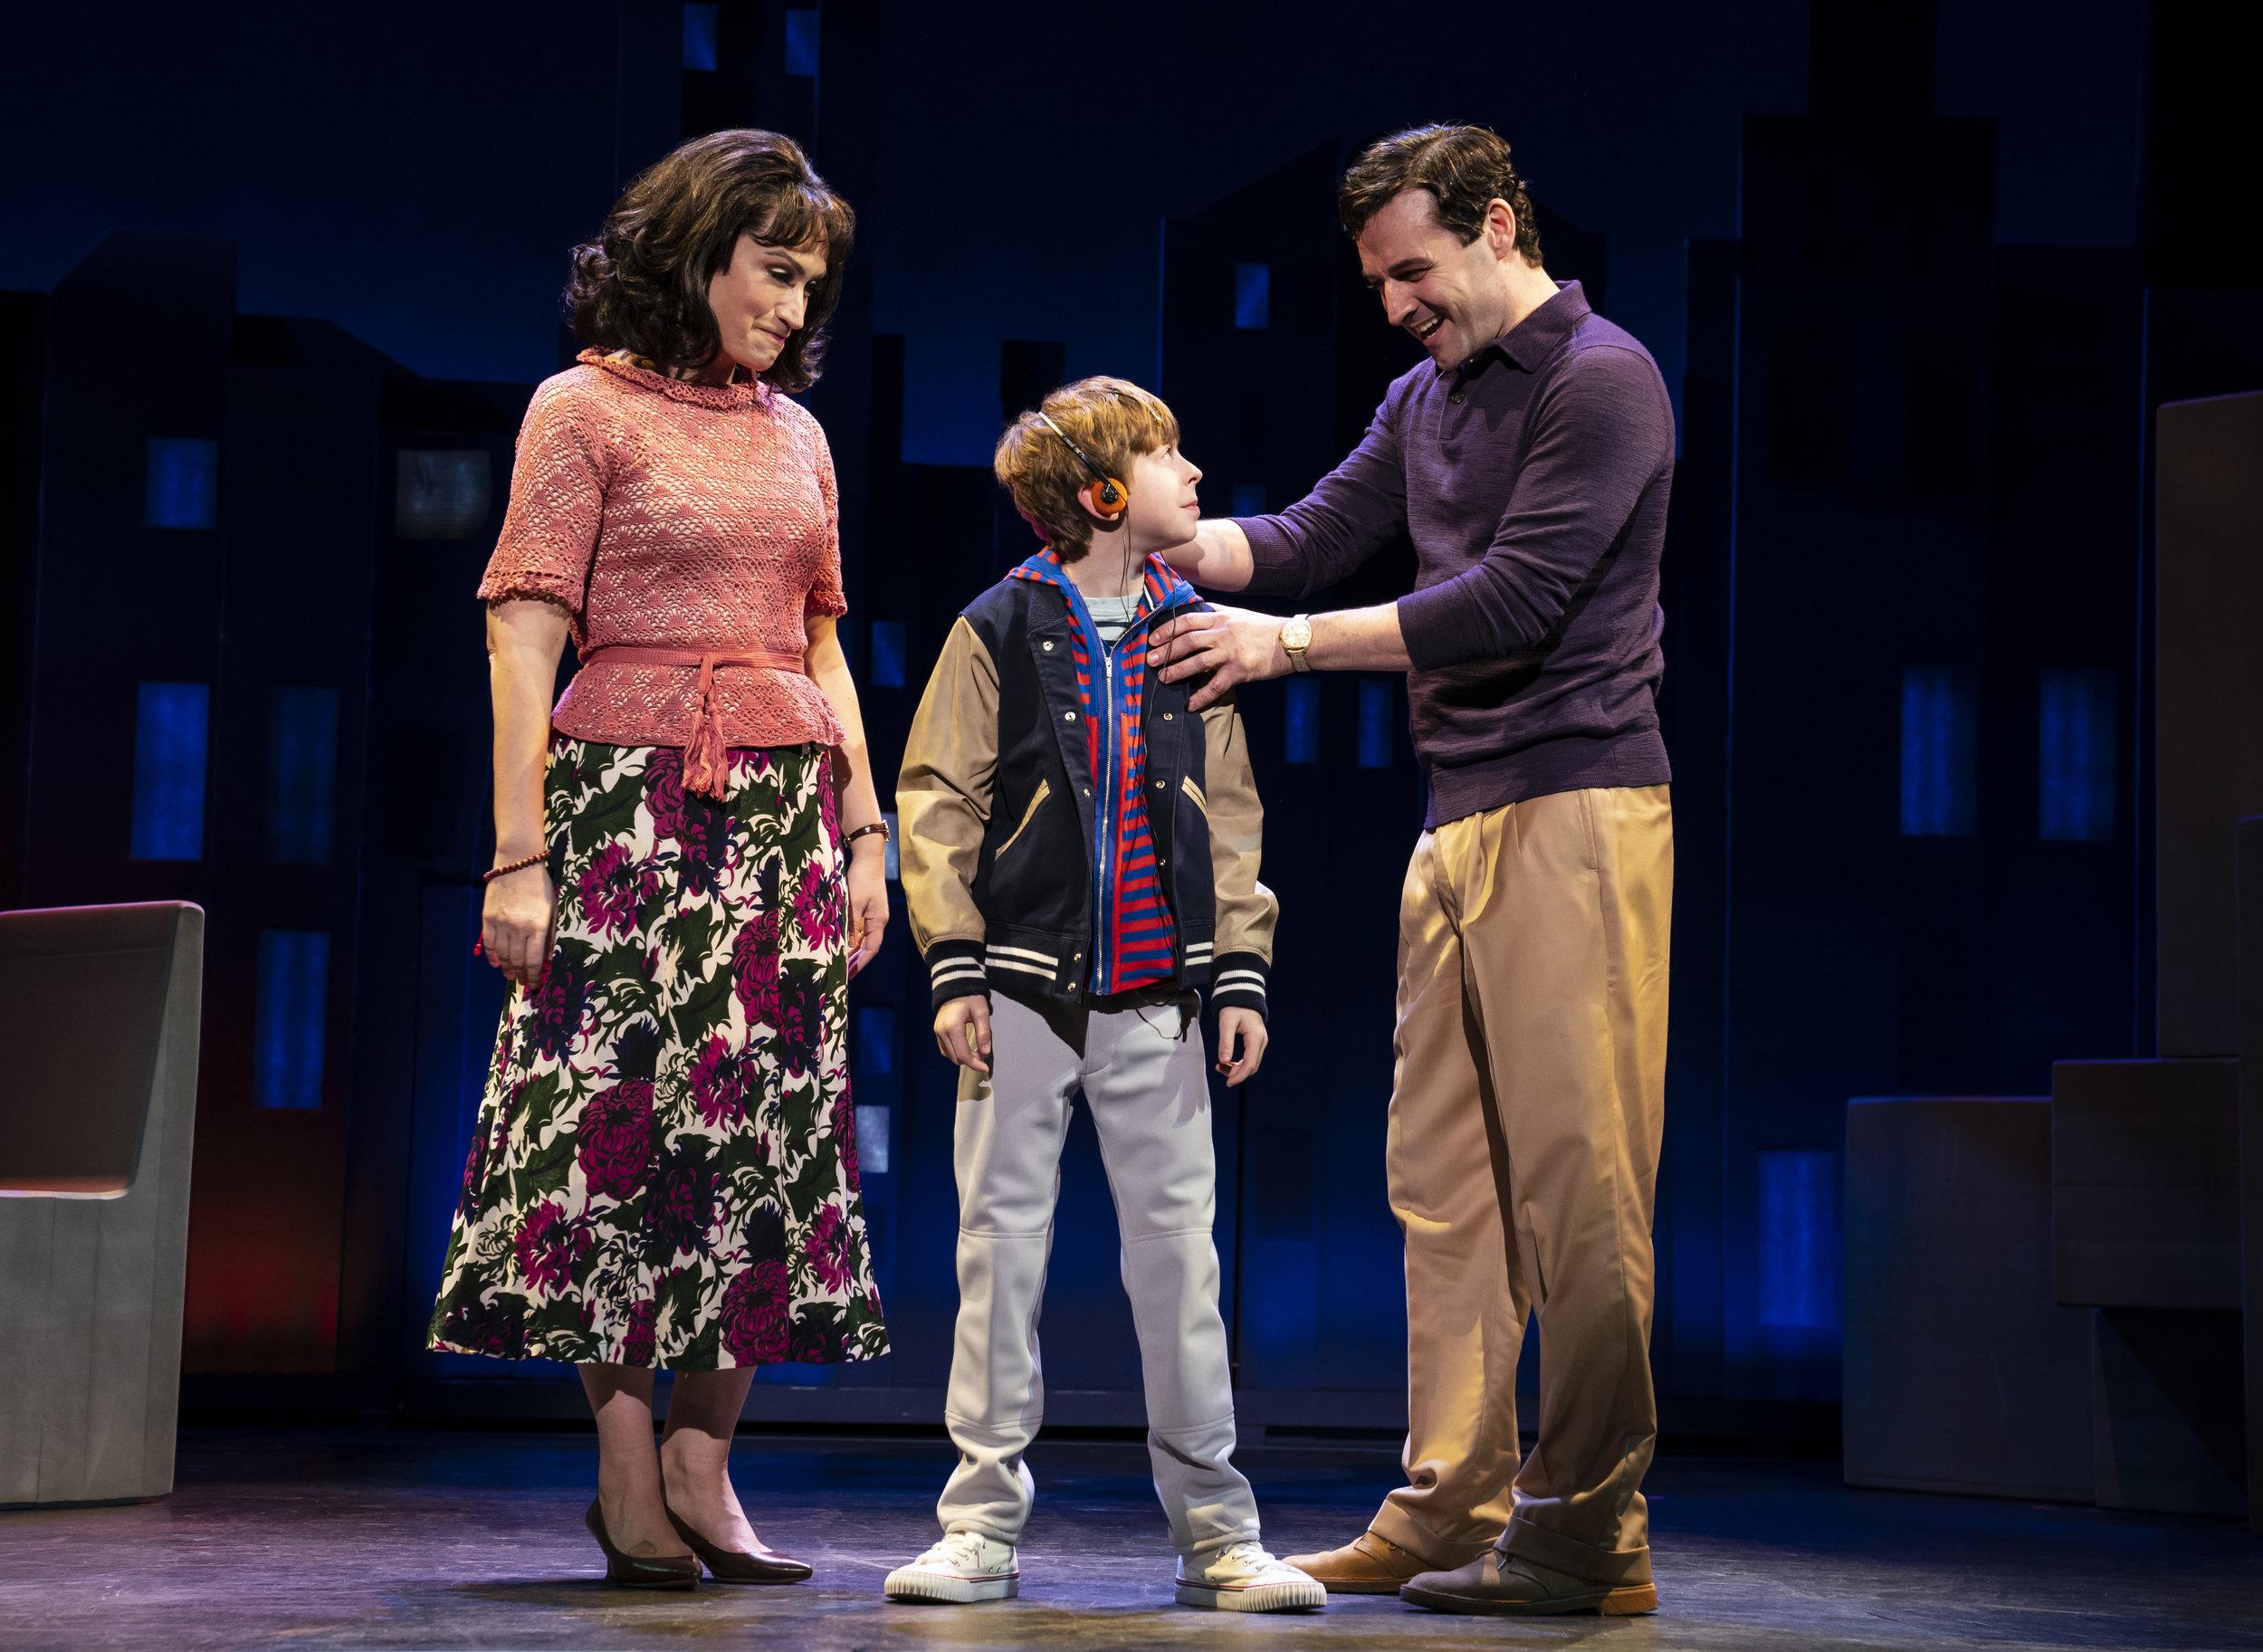 Eden Espinosa, Thatcher Jacobs and Max in Falsettos